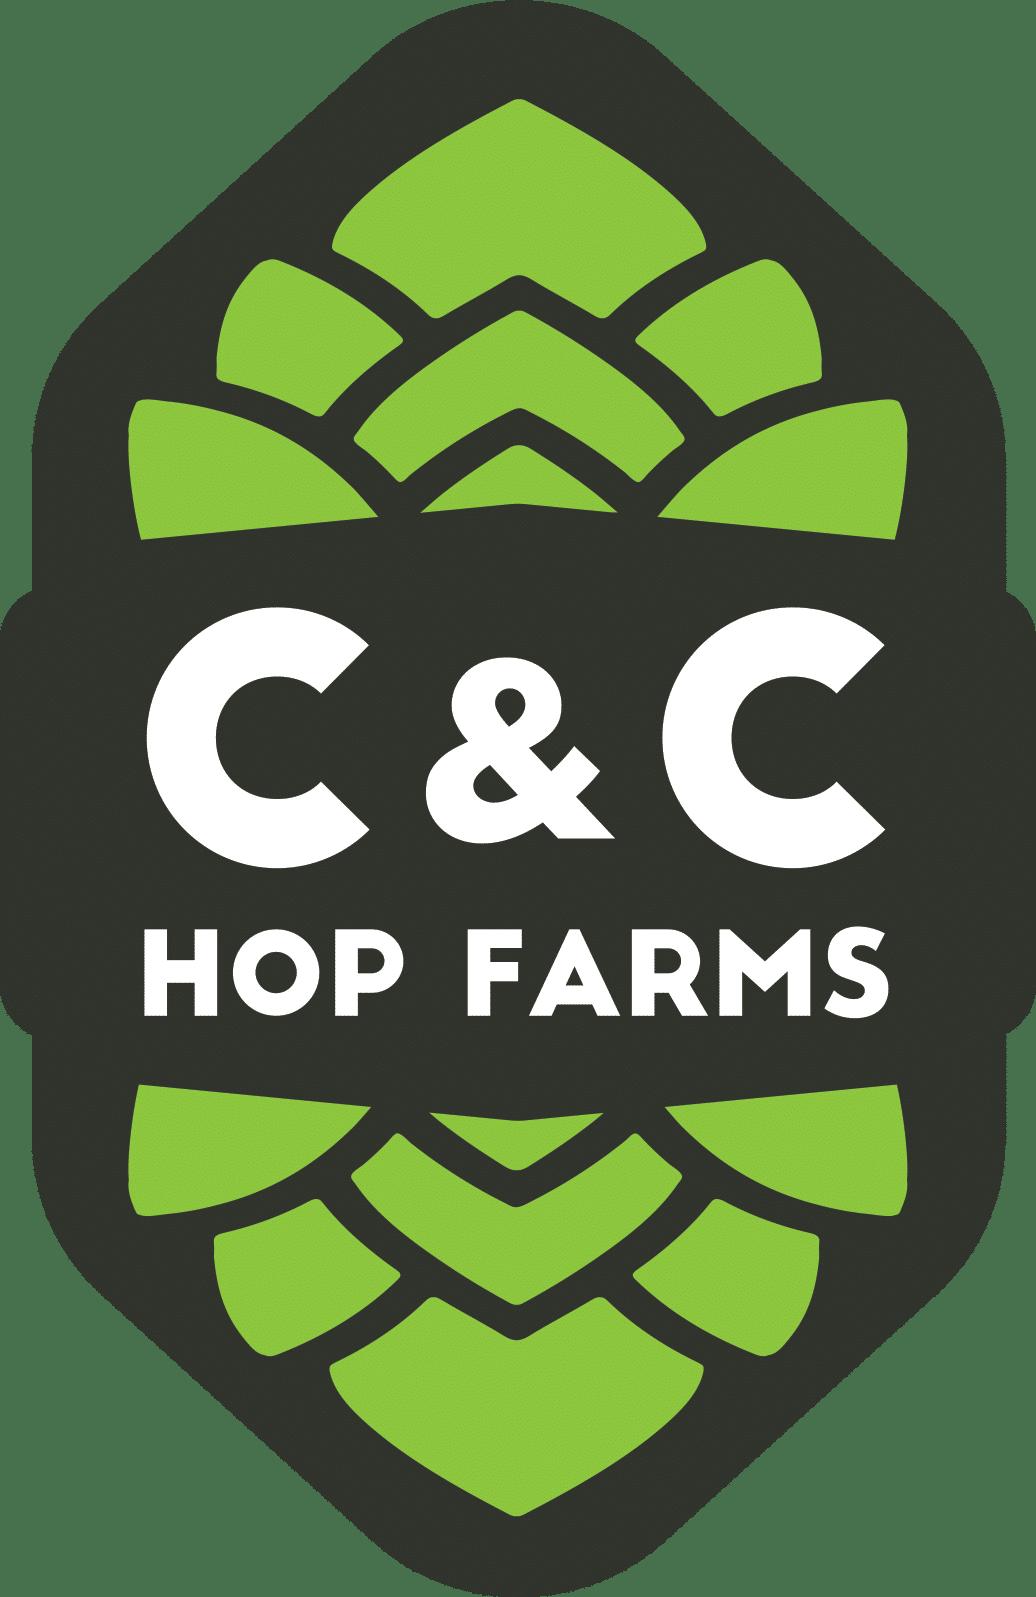 C & C Hops